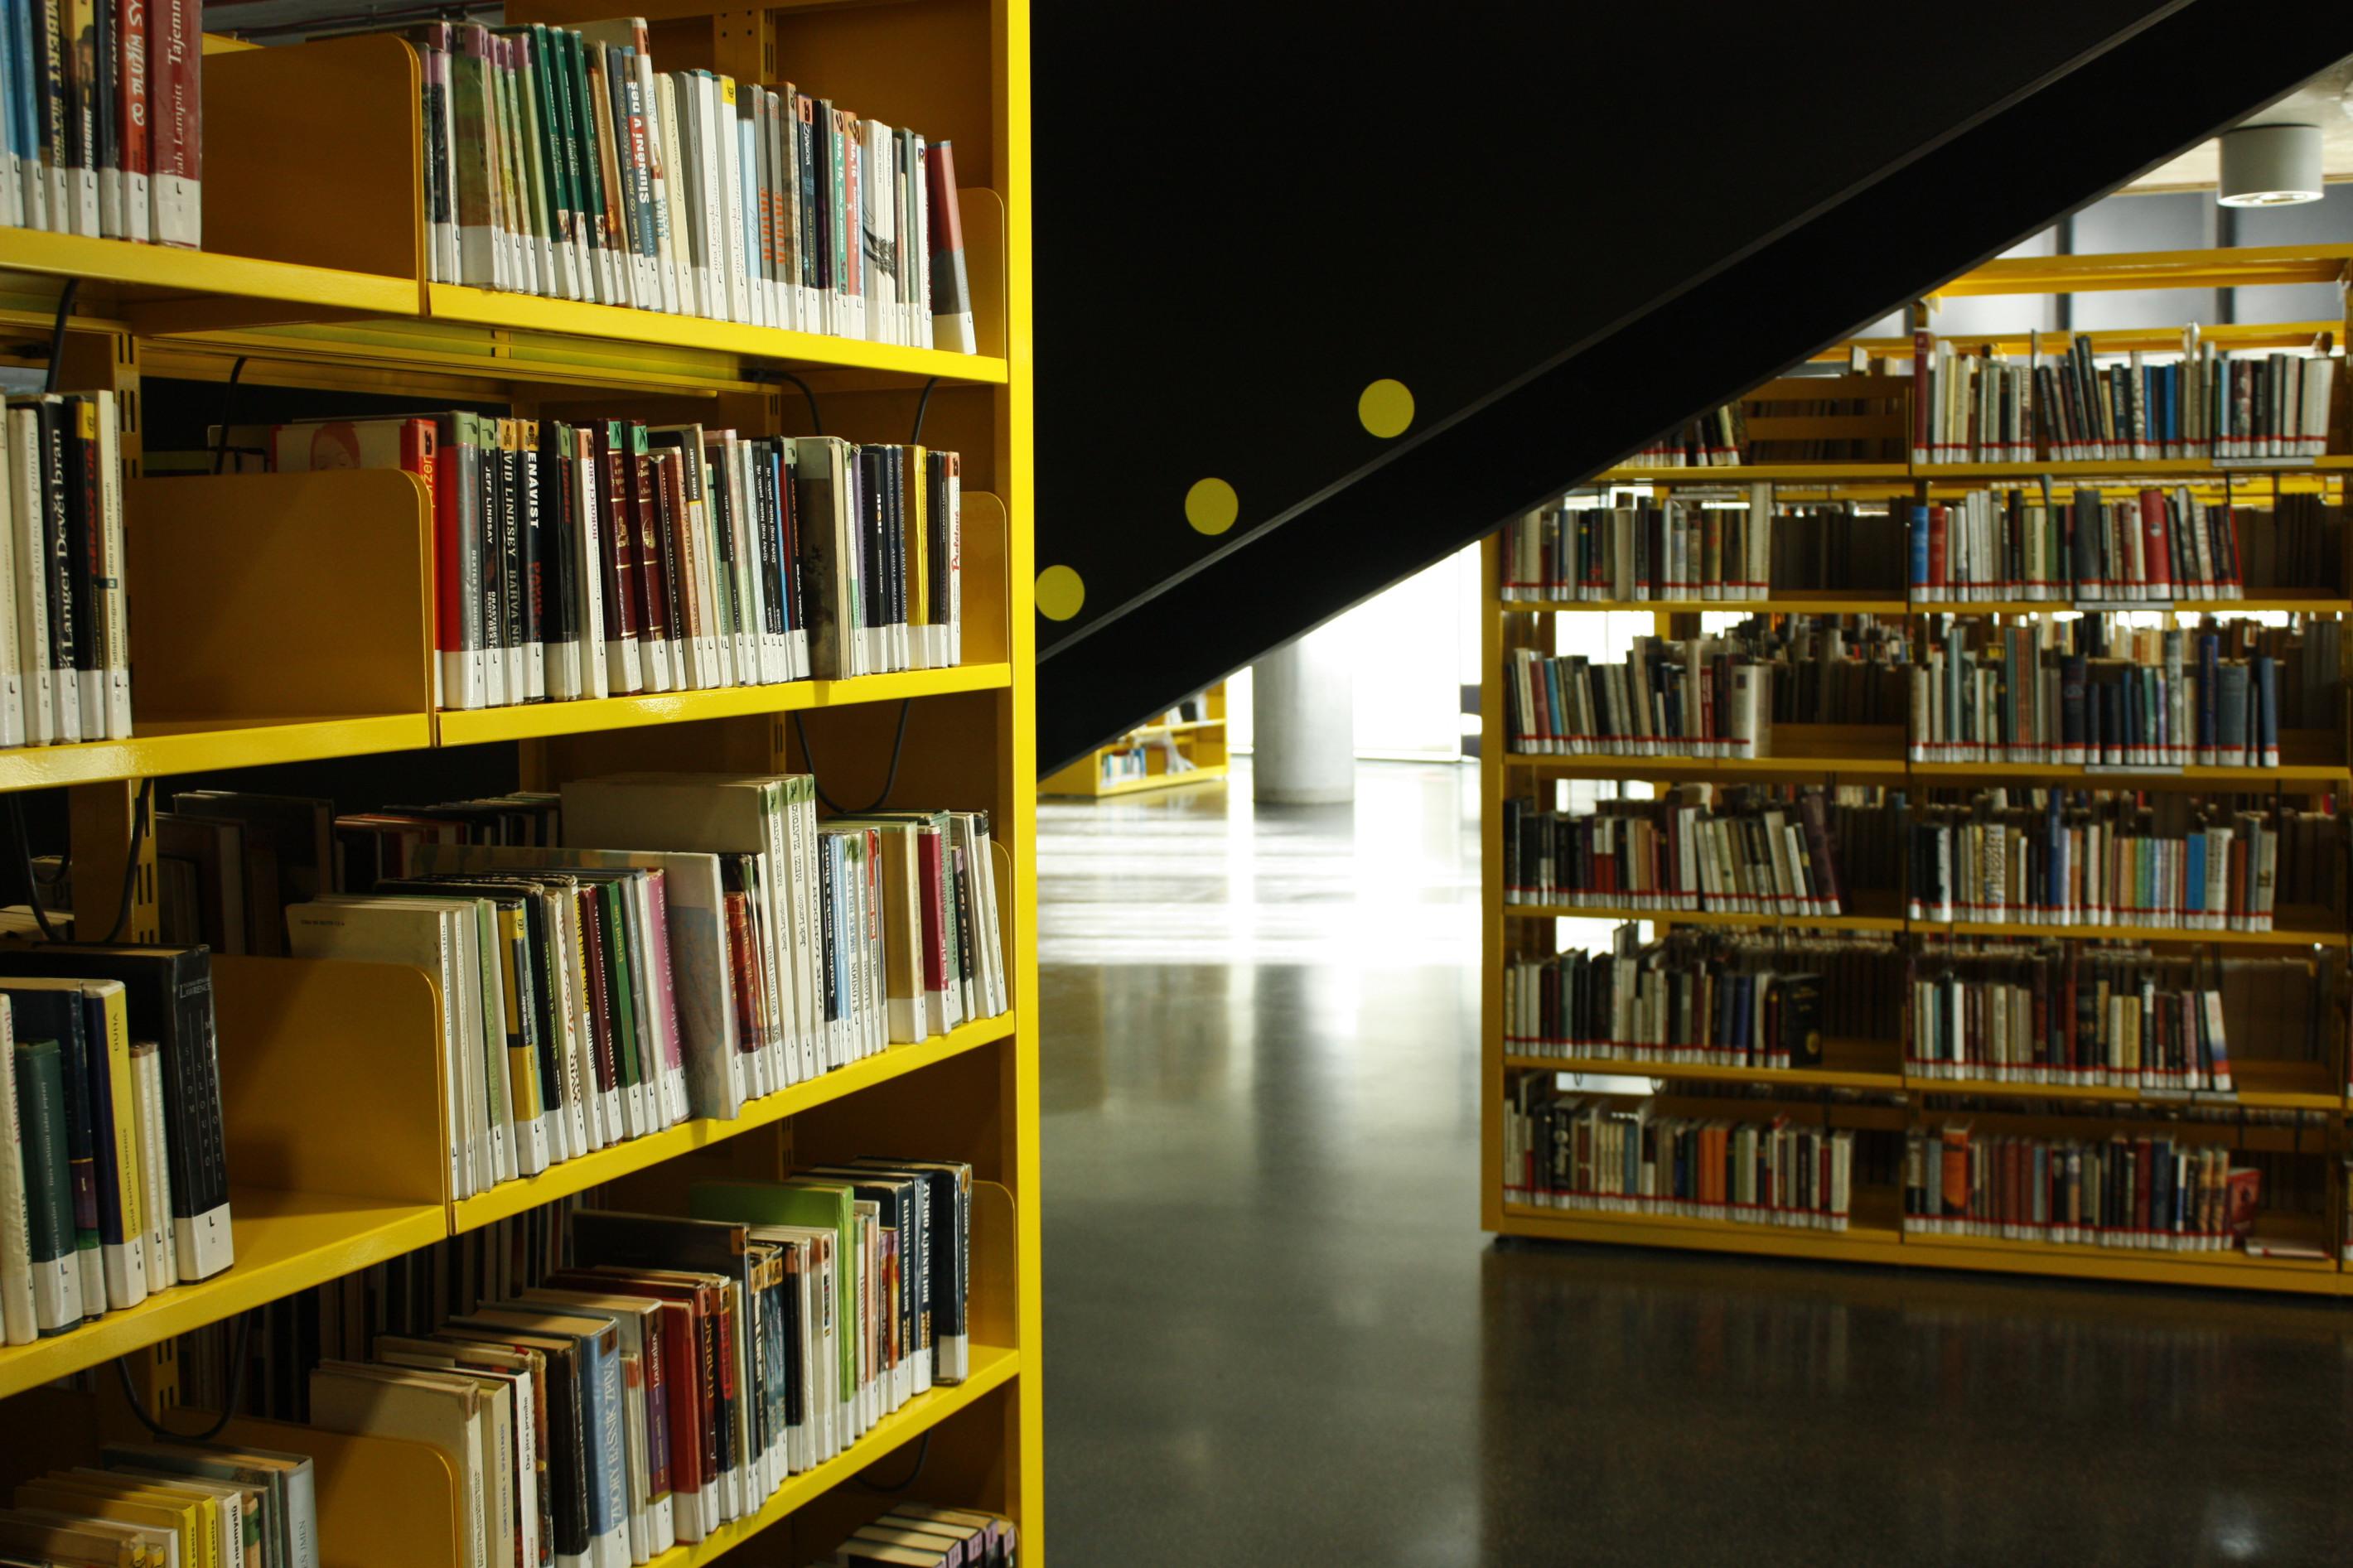 Česko má výjimečnou síť knihoven, všimly si jí i New York Times